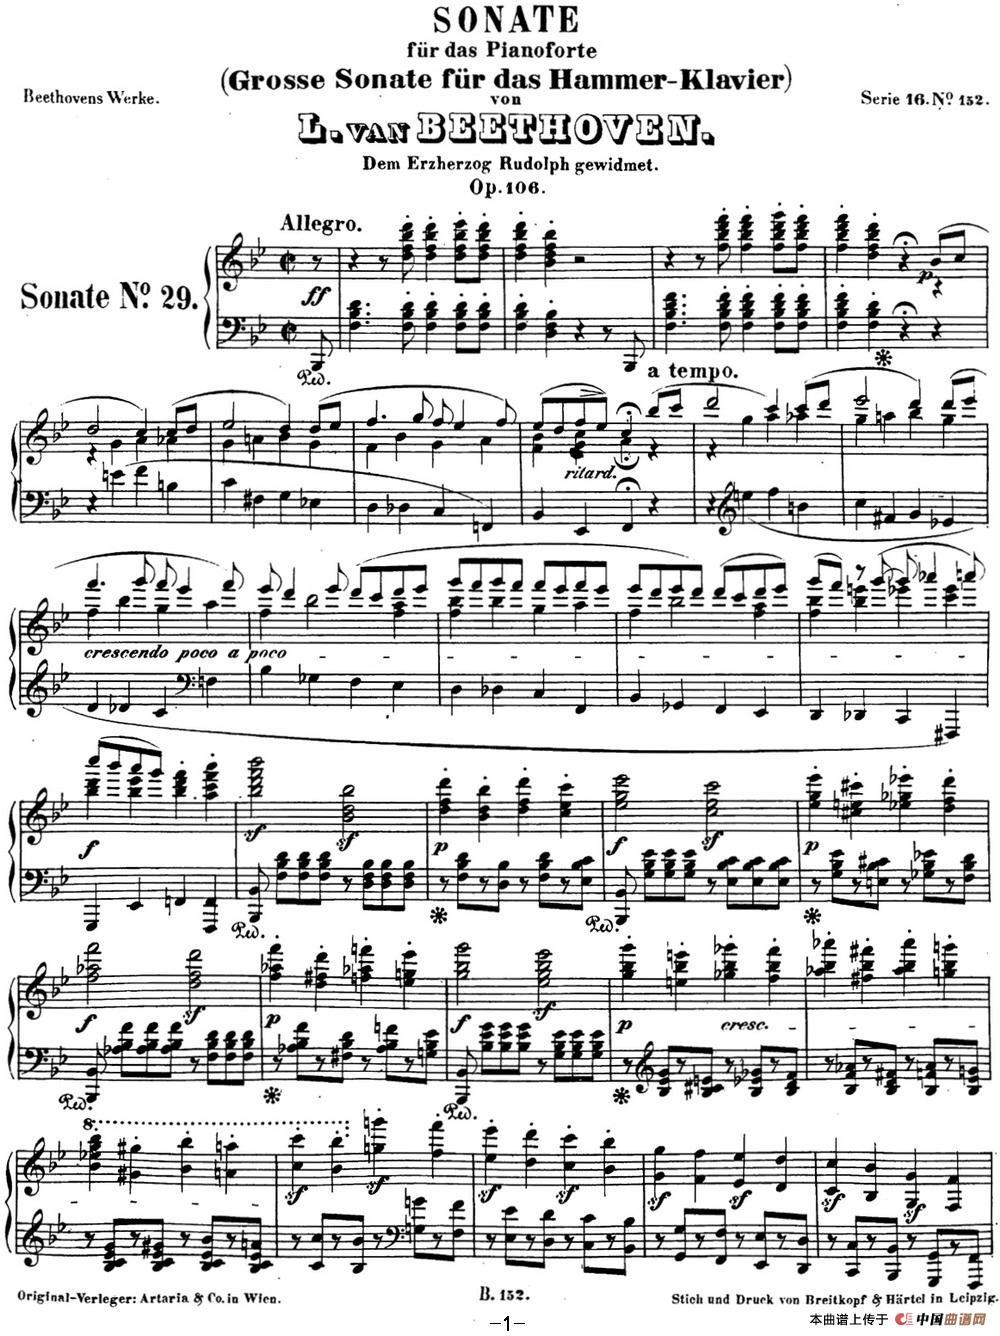 贝多芬钢琴奏鸣曲29 钢琴(锥子键琴)降B大调 Op.106 B-flat major(1)_原文件名:29 钢琴(锥子键琴)降B大调 Op106 B-flat major_页面_03.jpg